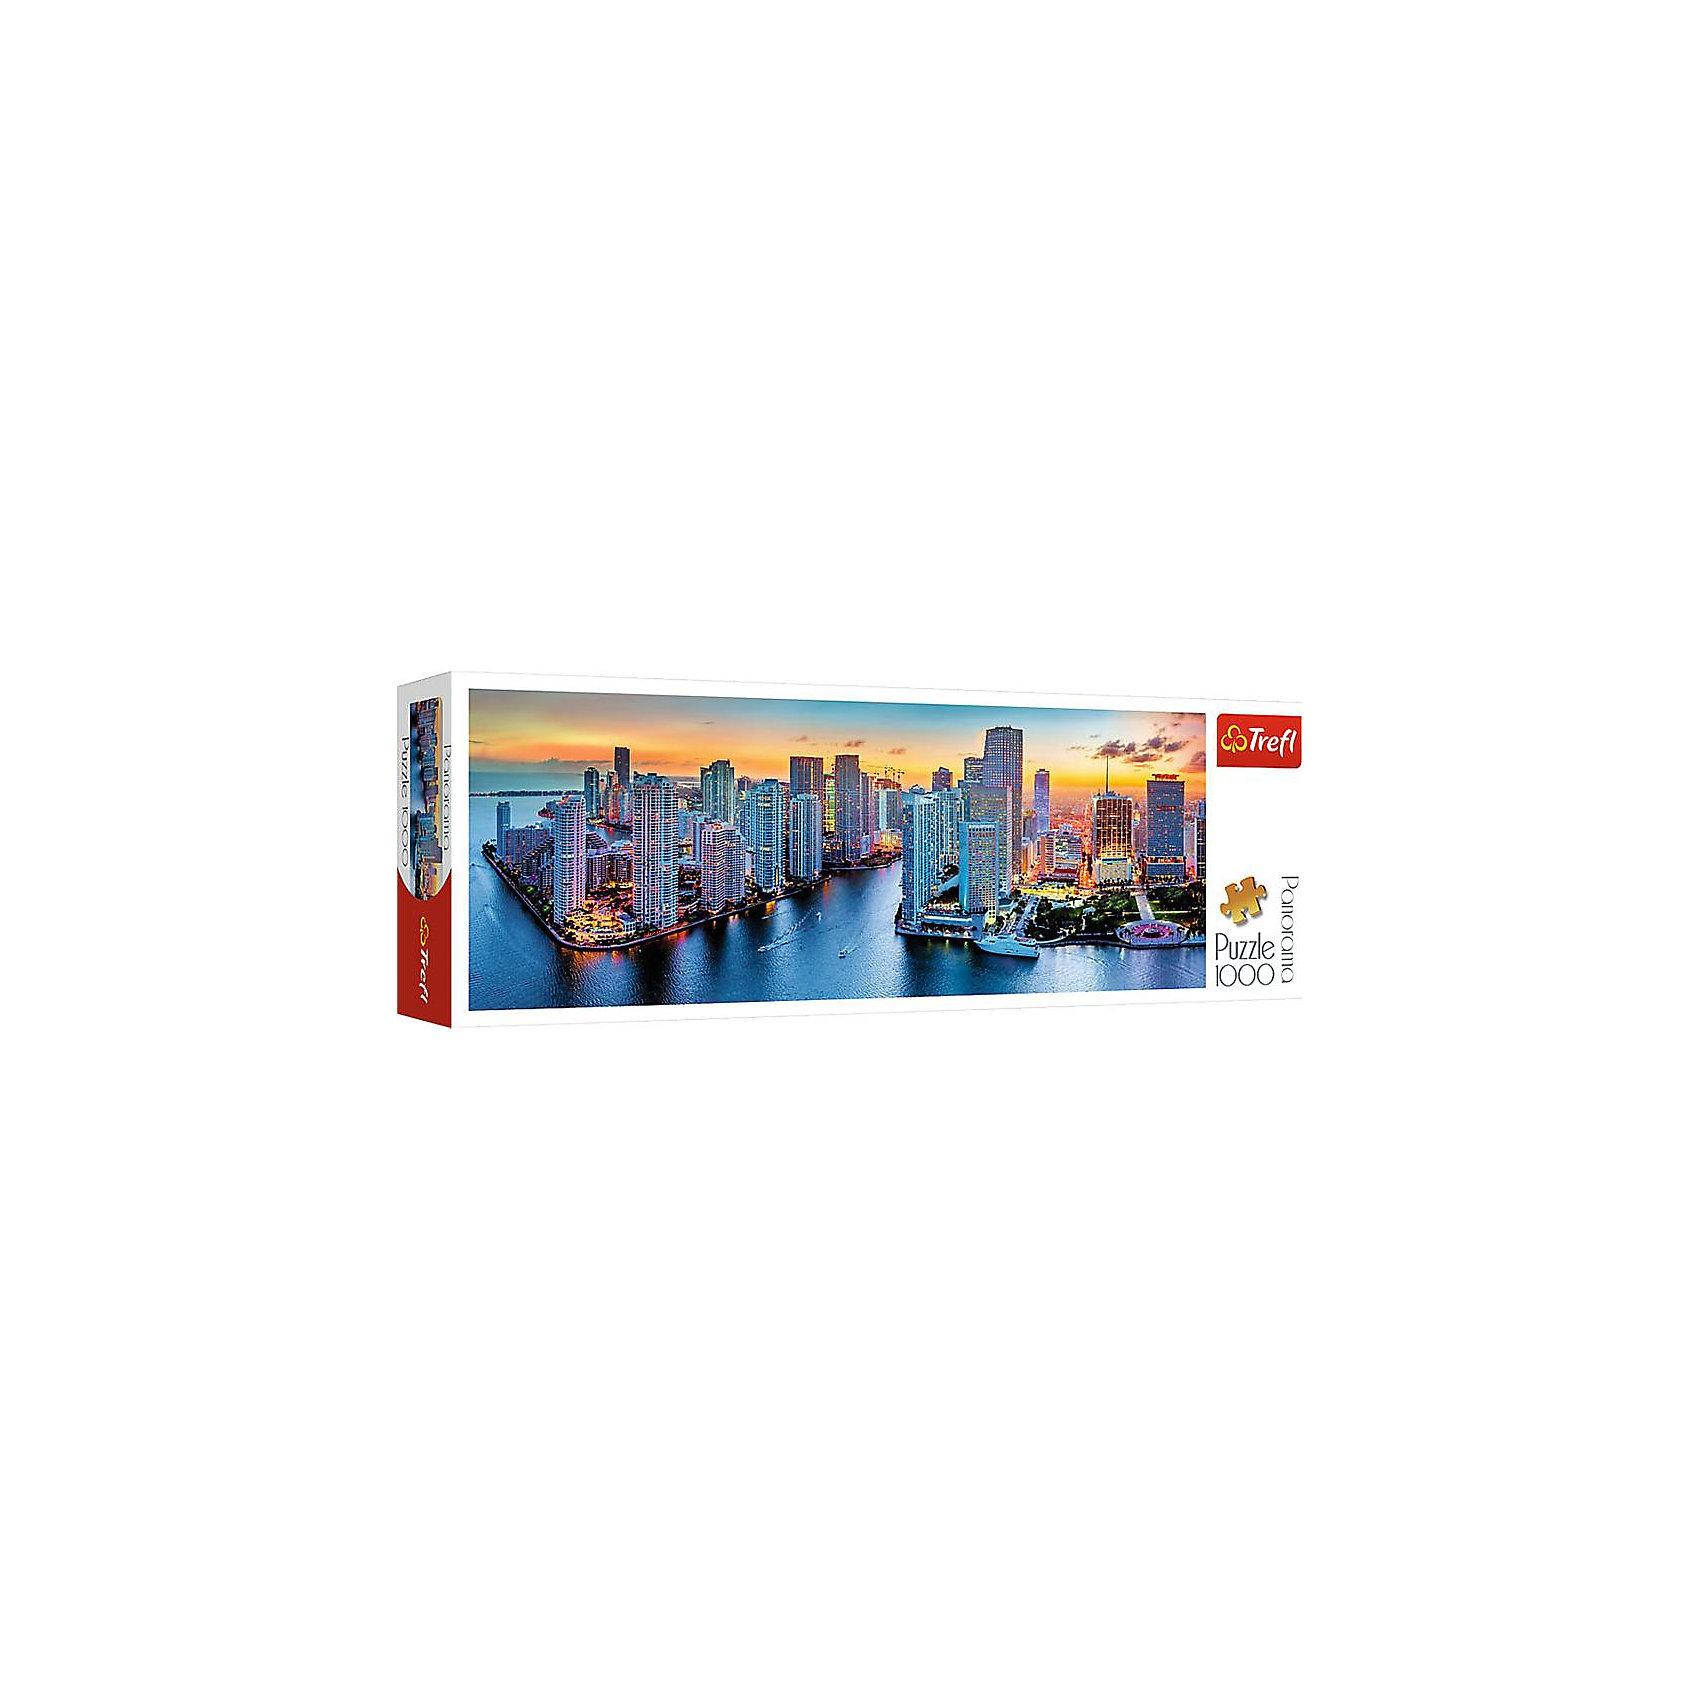 Пазлы панорамные Trefl «Майами в сумерки», 1000 элементовПазлы для детей постарше<br>Очутитесь во Флориде вместе с панорамный пазлом Майами в сумерки от известного бренда Trefl! На панораме изображен великолепный город Майами на закате солнца. Многочисленные башни домов, в которых горит свет, окружены водой. Небо очень красиво переливается оранжевыми тонами. На набережной расположен парк, с его лавочками и зеленой зоной. По воде плывут корабли. Такой картиной вы сможете украсить стену в своем доме или на даче. Ну а если вам нужно придумать подарок для друзей этот пазл именно то, что вам нужно! Подобное приобретение отлично поможет вам в моменты одиночества, когда можно тихо пособирать пазлы и подумать о хорошем. <br>Детали пазла выполнены из высококачественного картона с антибликовым покрытием. <br>Изображение включает в себя 1000 элементов. <br>Рекомендуемый возраст: от 9 лет.<br><br>Ширина мм: 400<br>Глубина мм: 135<br>Высота мм: 67<br>Вес г: 850<br>Возраст от месяцев: 108<br>Возраст до месяцев: 144<br>Пол: Унисекс<br>Возраст: Детский<br>SKU: 7126327